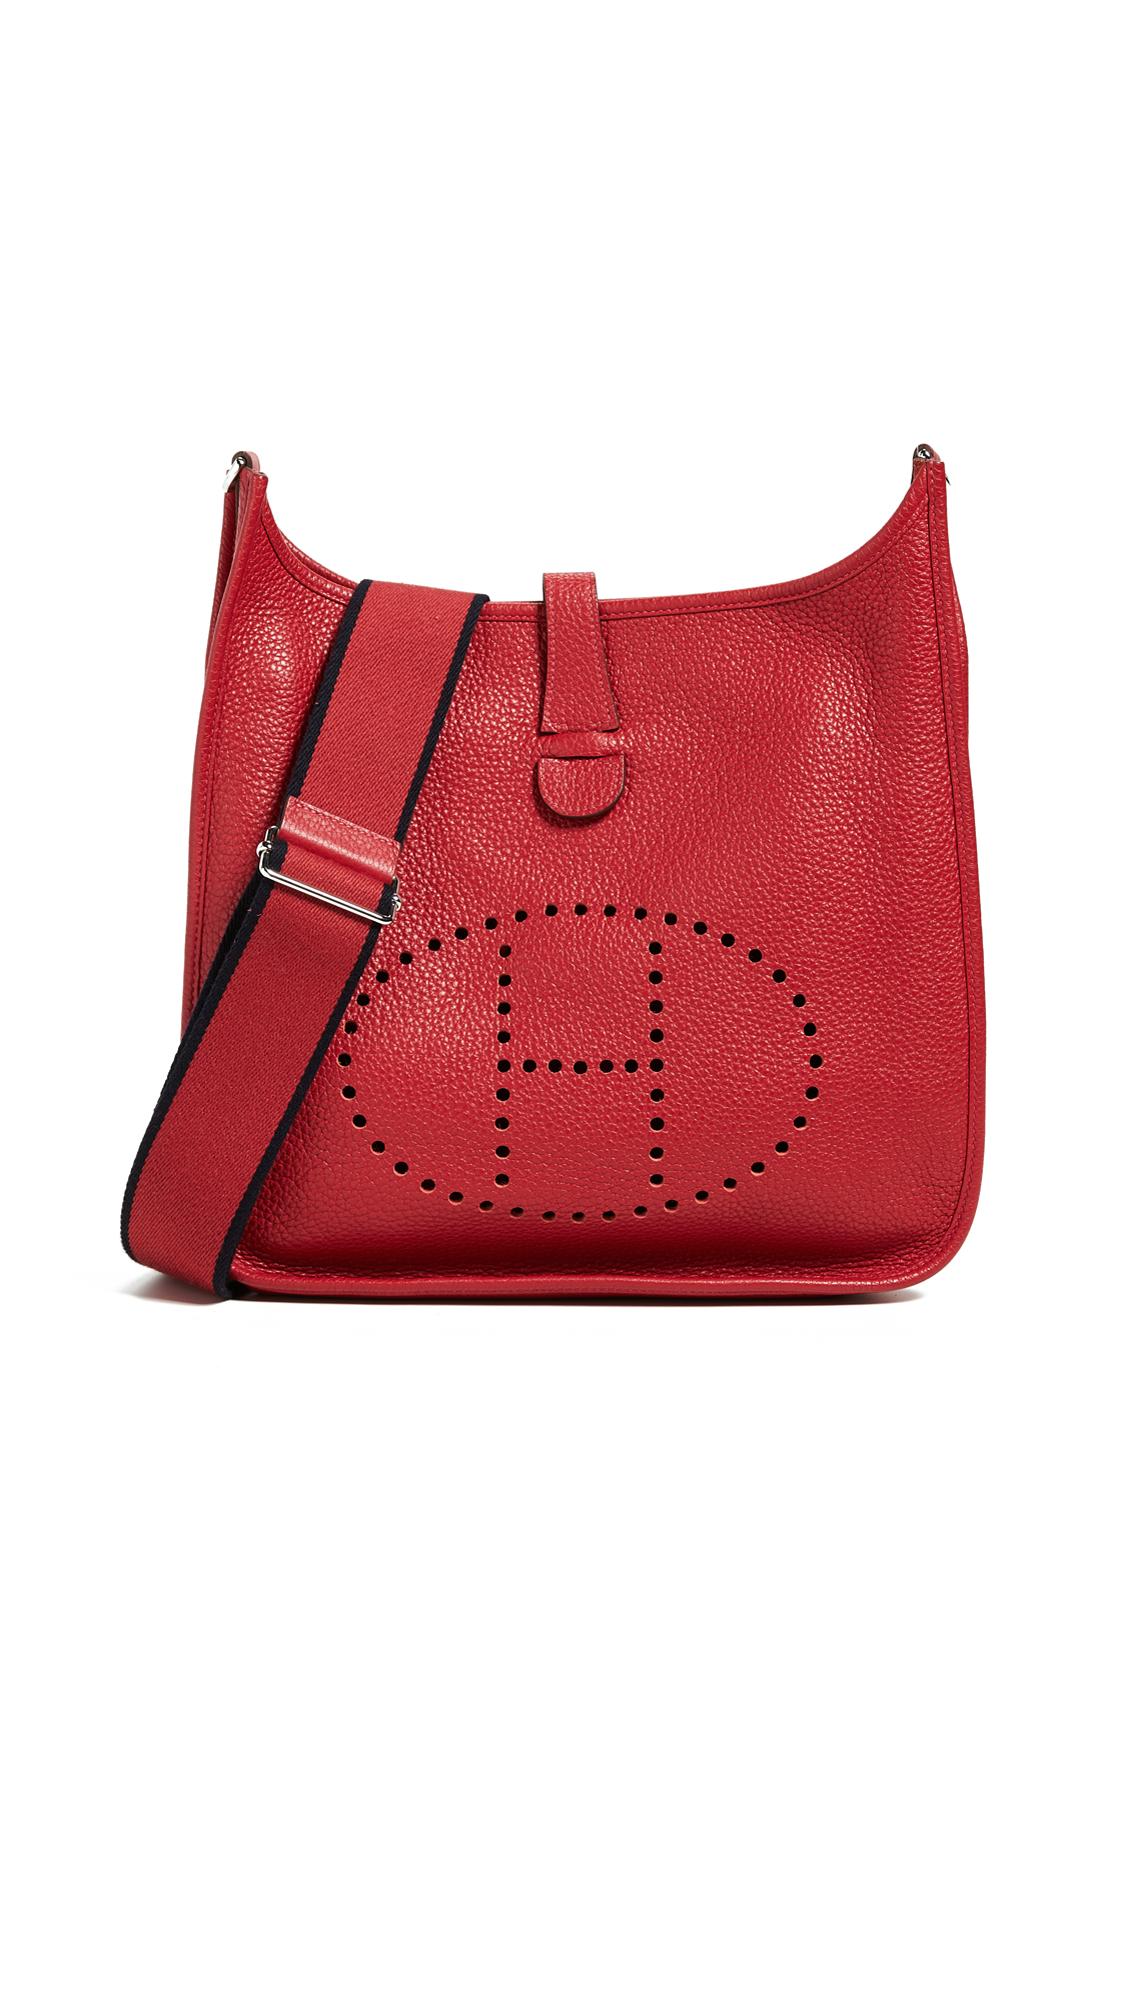 Hermes Clemence Evelyne Bag, Red